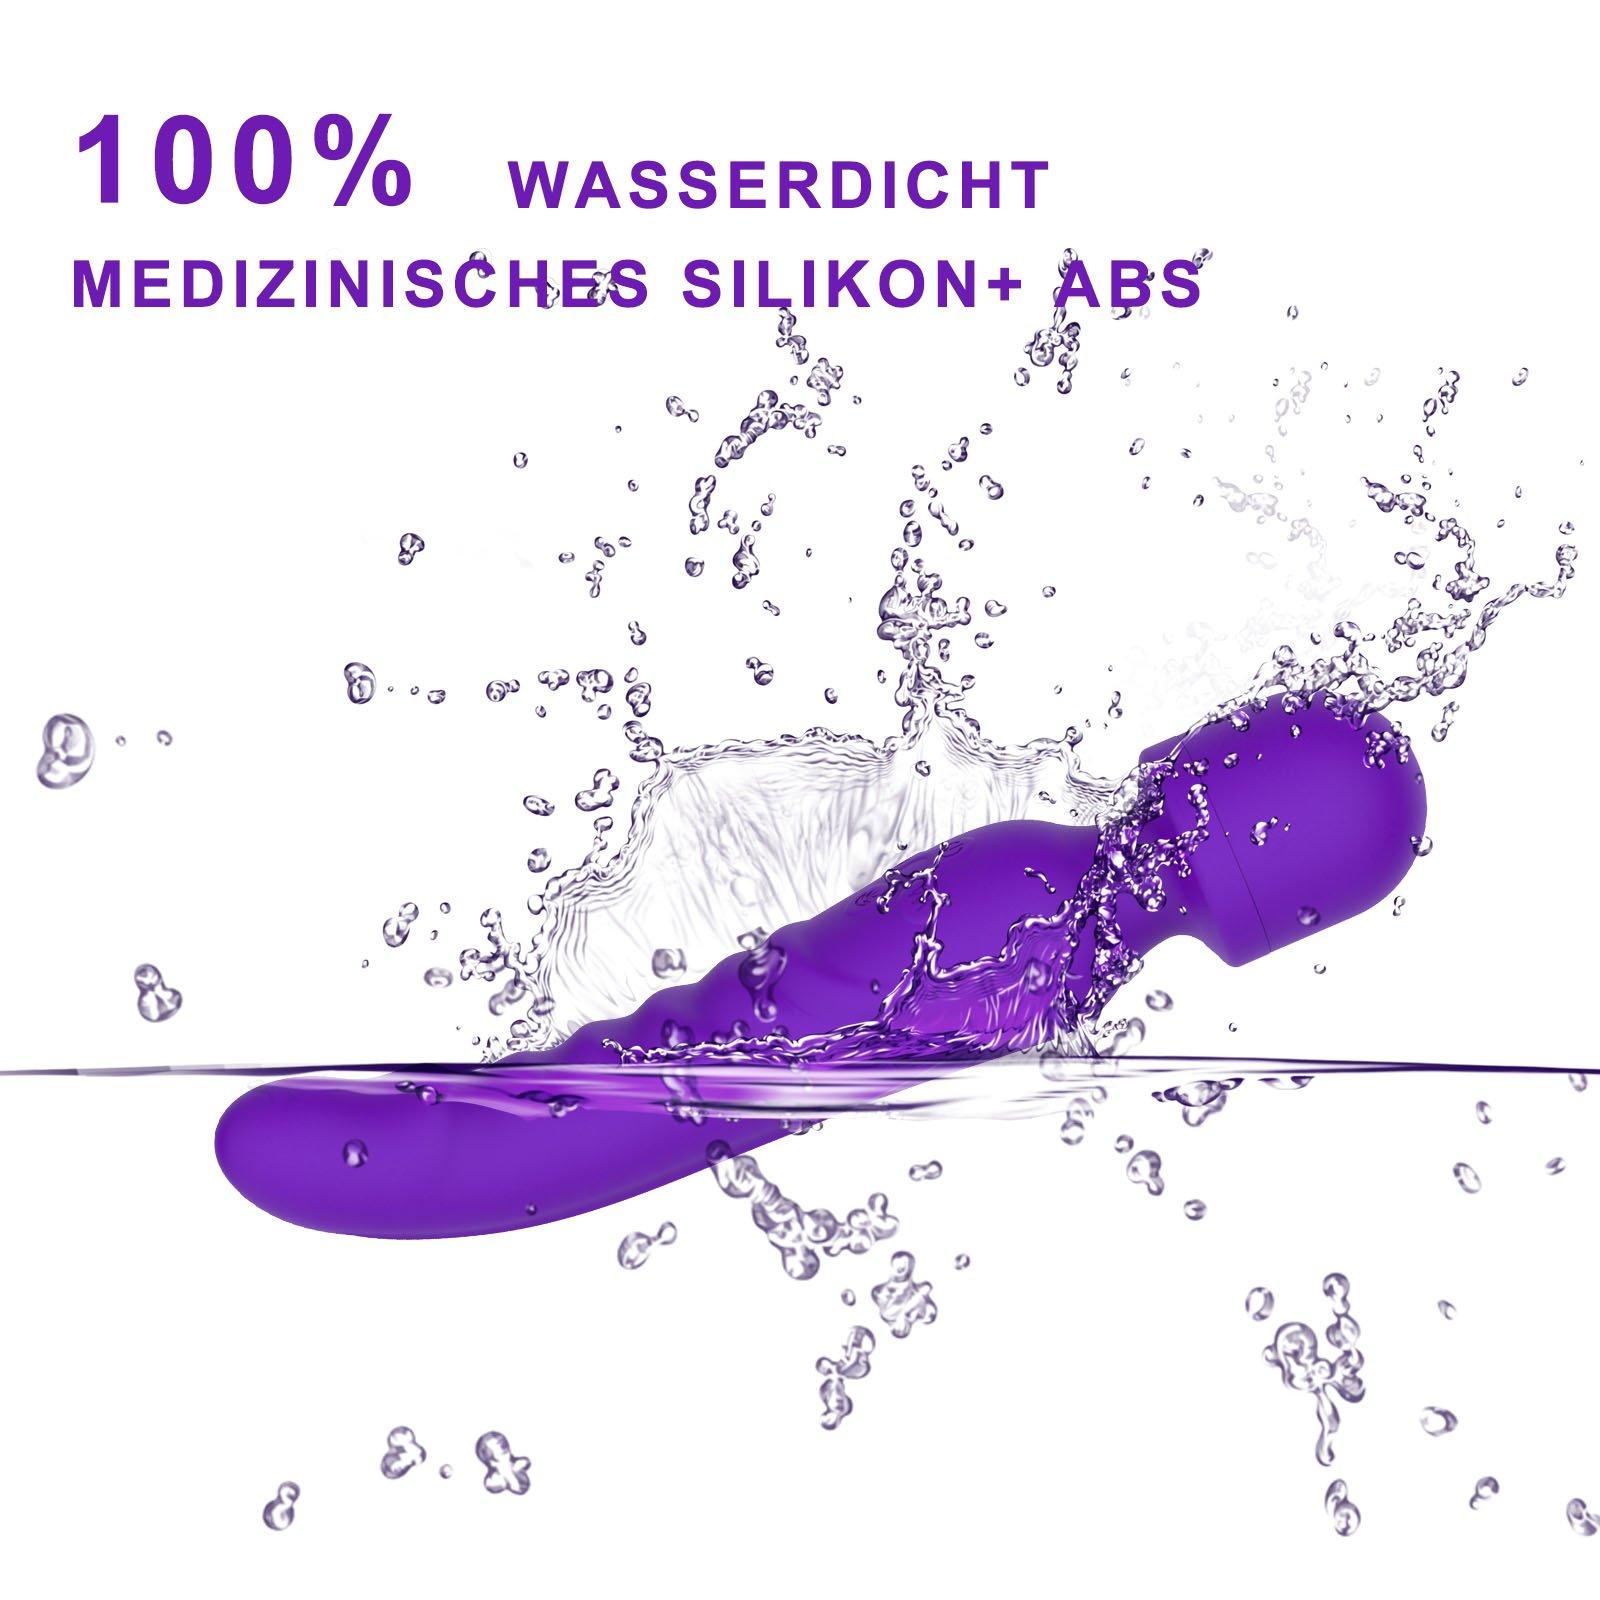 Magic Wand Massagegerät Massagestab für Frauen Handheld Massager mit Akku,100% Wasserdicht, 7 Massageprogramme Massage geräte für Rücken Nacken Schulter Beine und Fuß (Lila) (Lila)